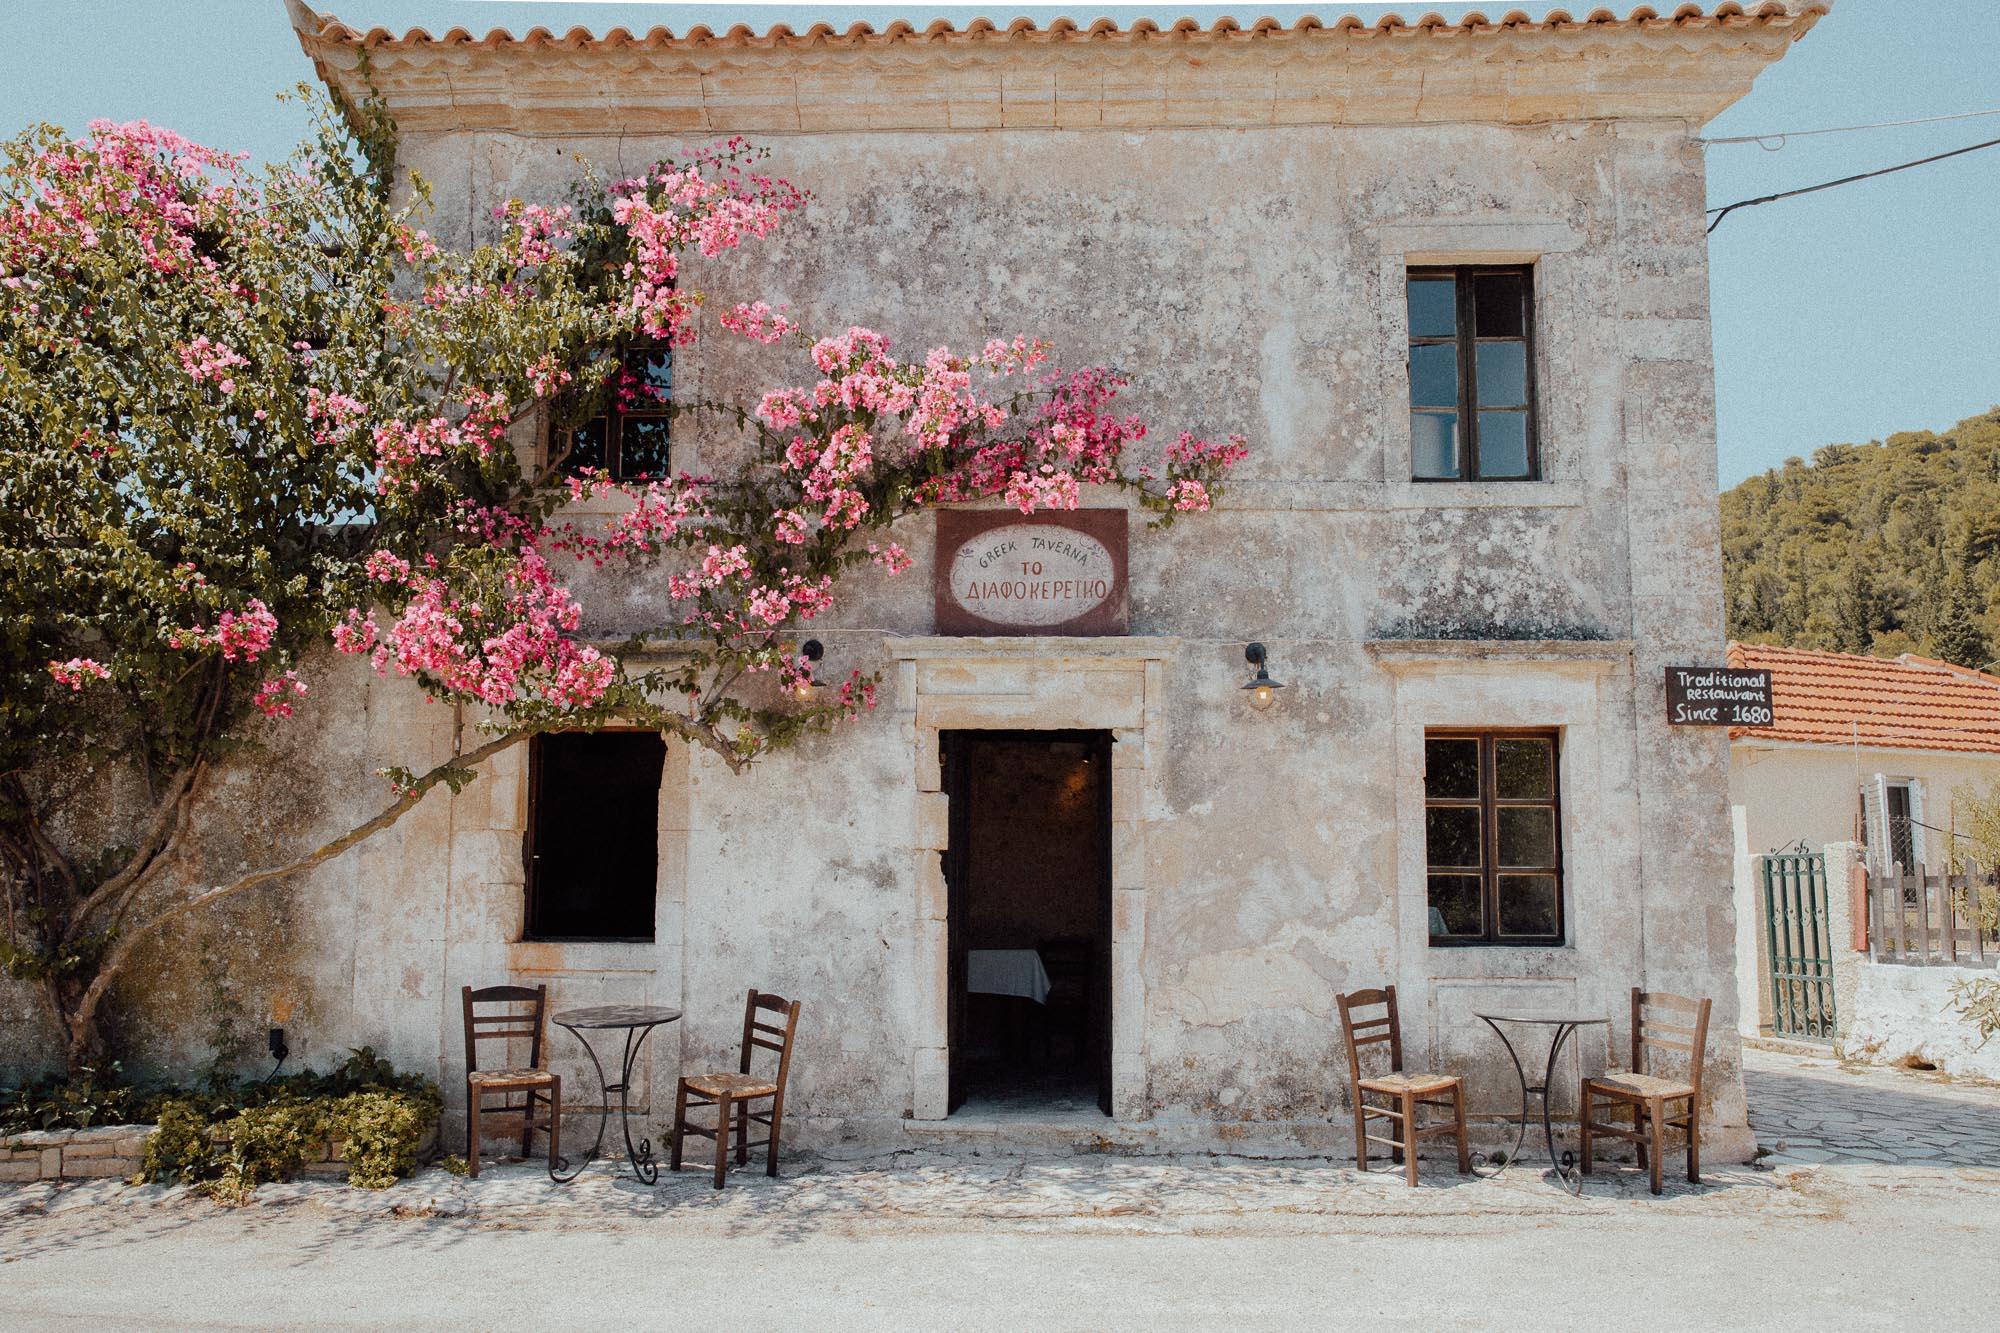 To Diafokereiko greek restaurant in Zakynthos Greece